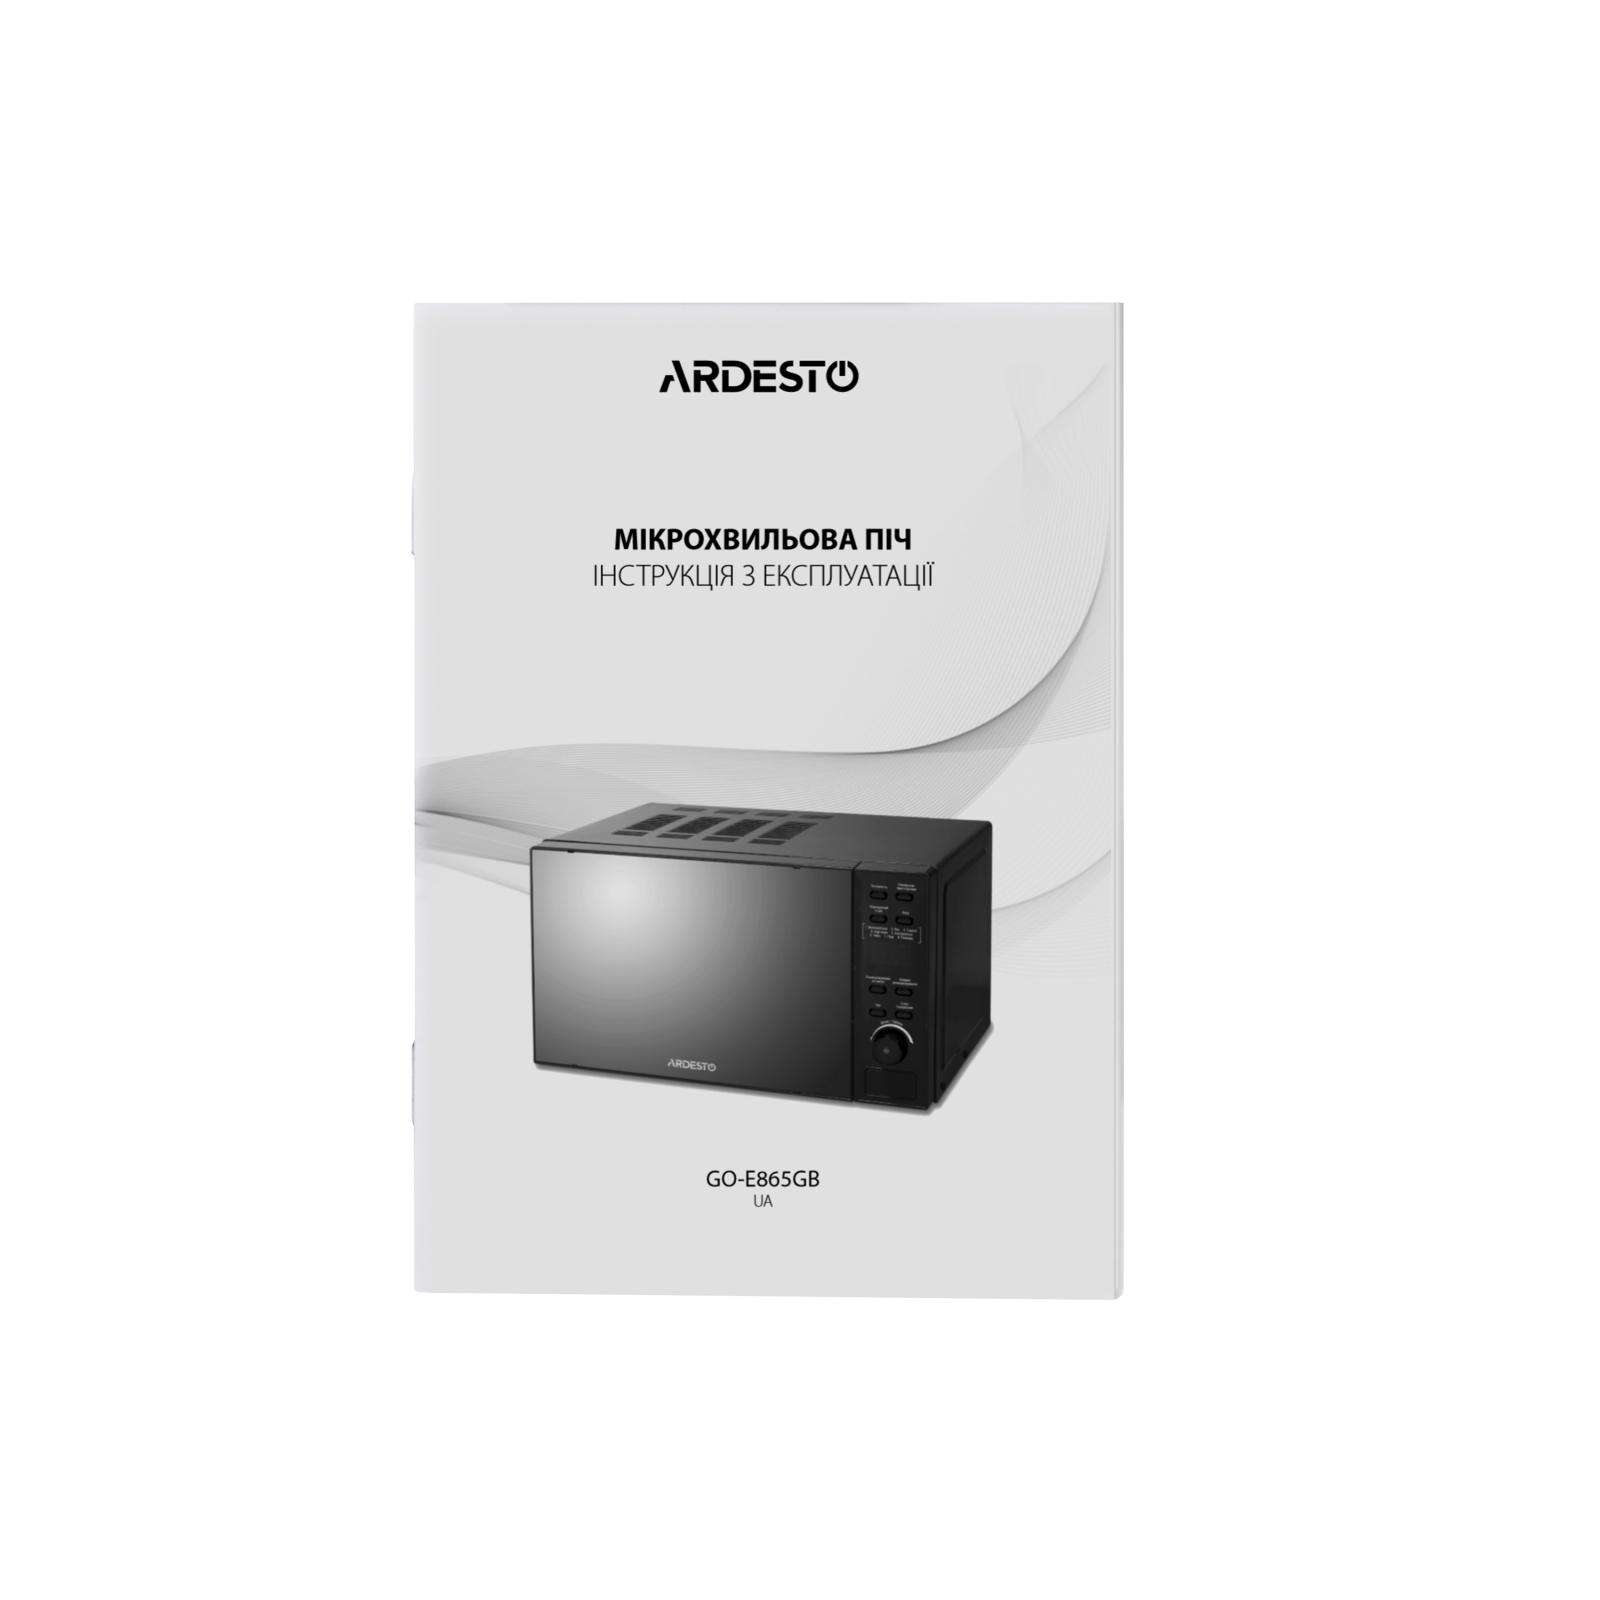 Мікрохвильова піч Ardesto GO-E865B зображення 4